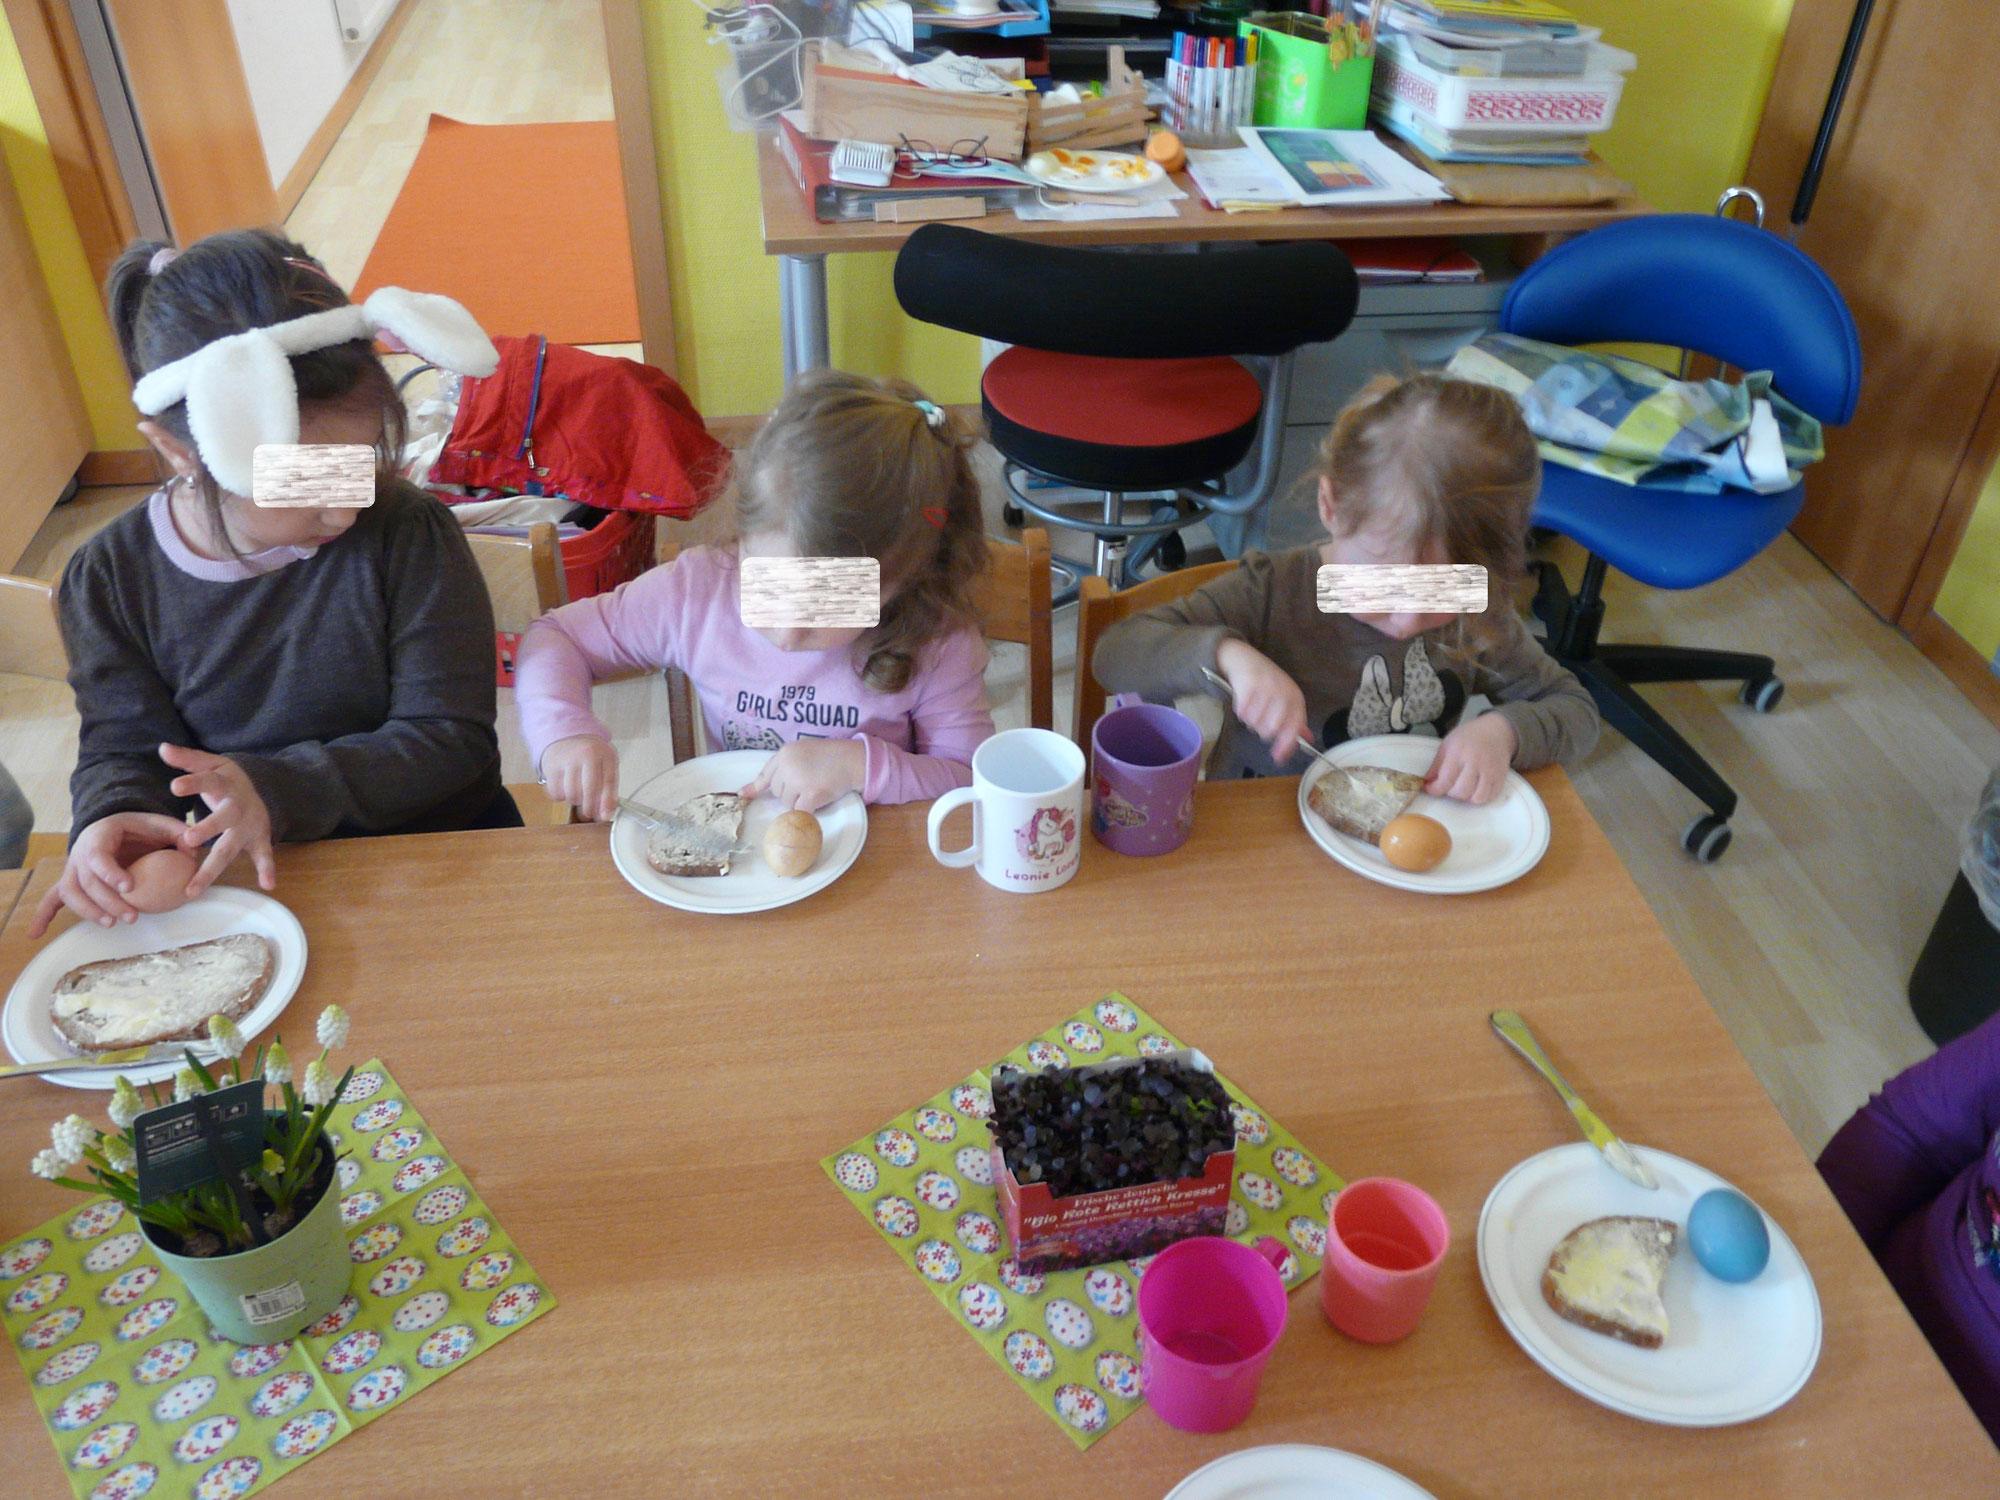 Leckeres Frühstück: Butterbrot, Kresse und Eier